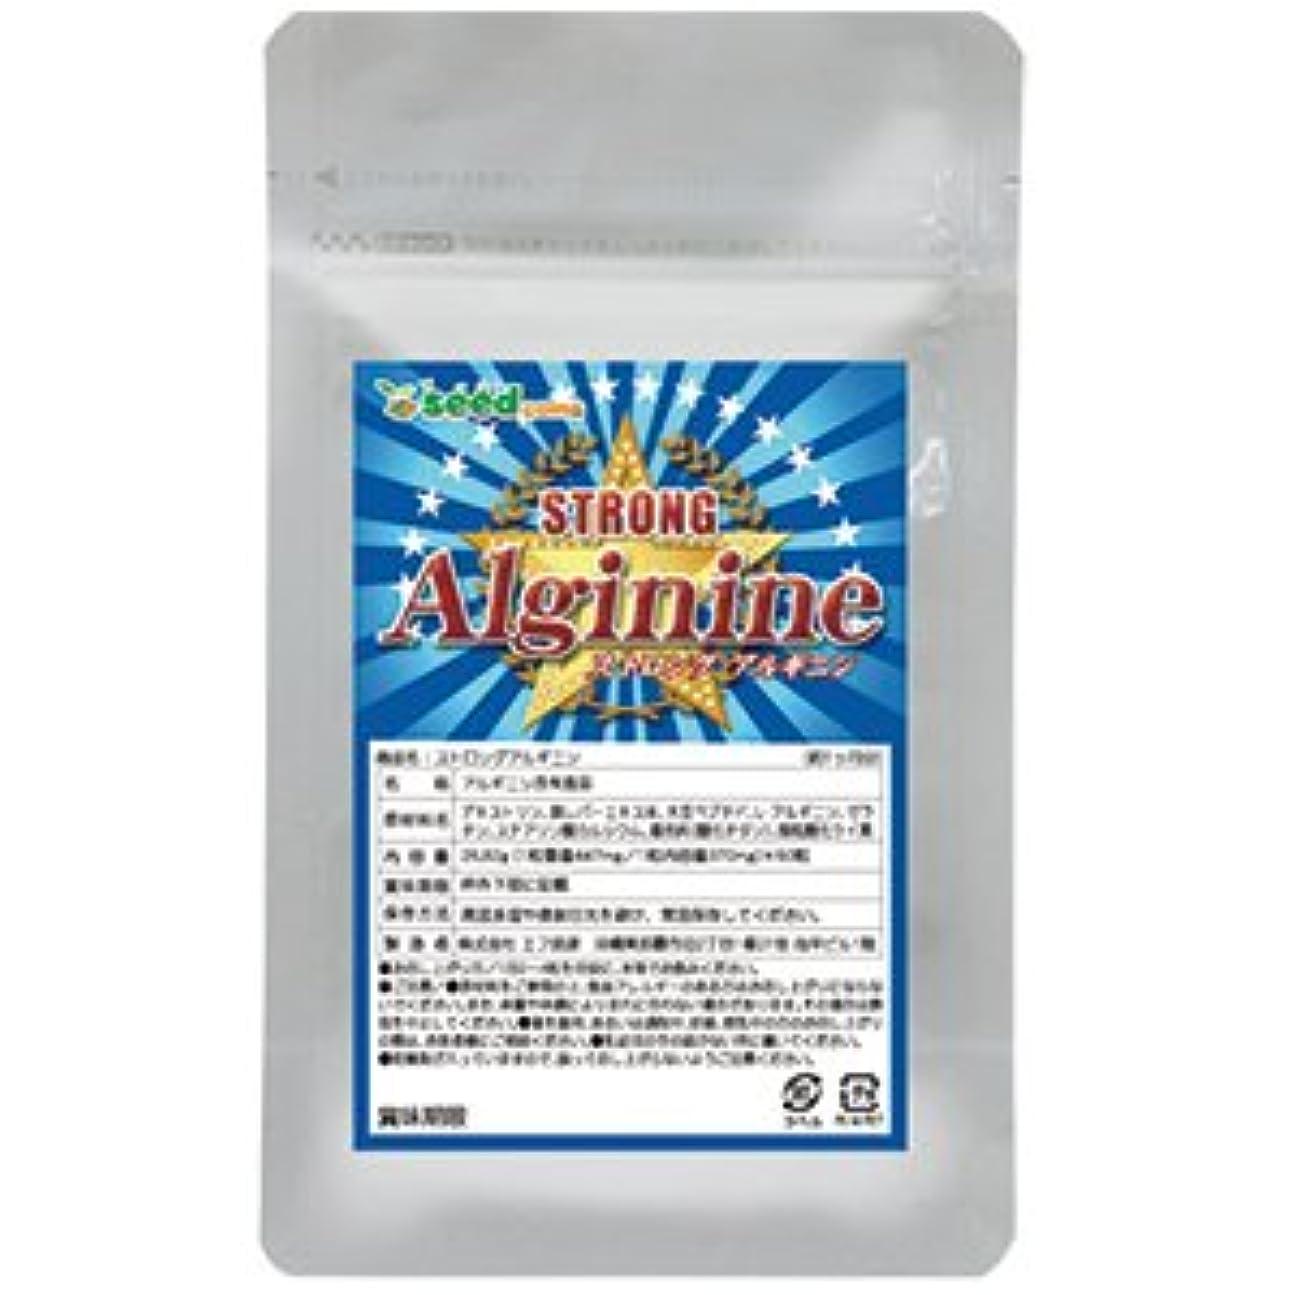 疲労貸す緊張ストロングアルギニン (約1ケ月分) アミノ酸の1種アルギニン配合!更にプロテインとレバーエキスも配合